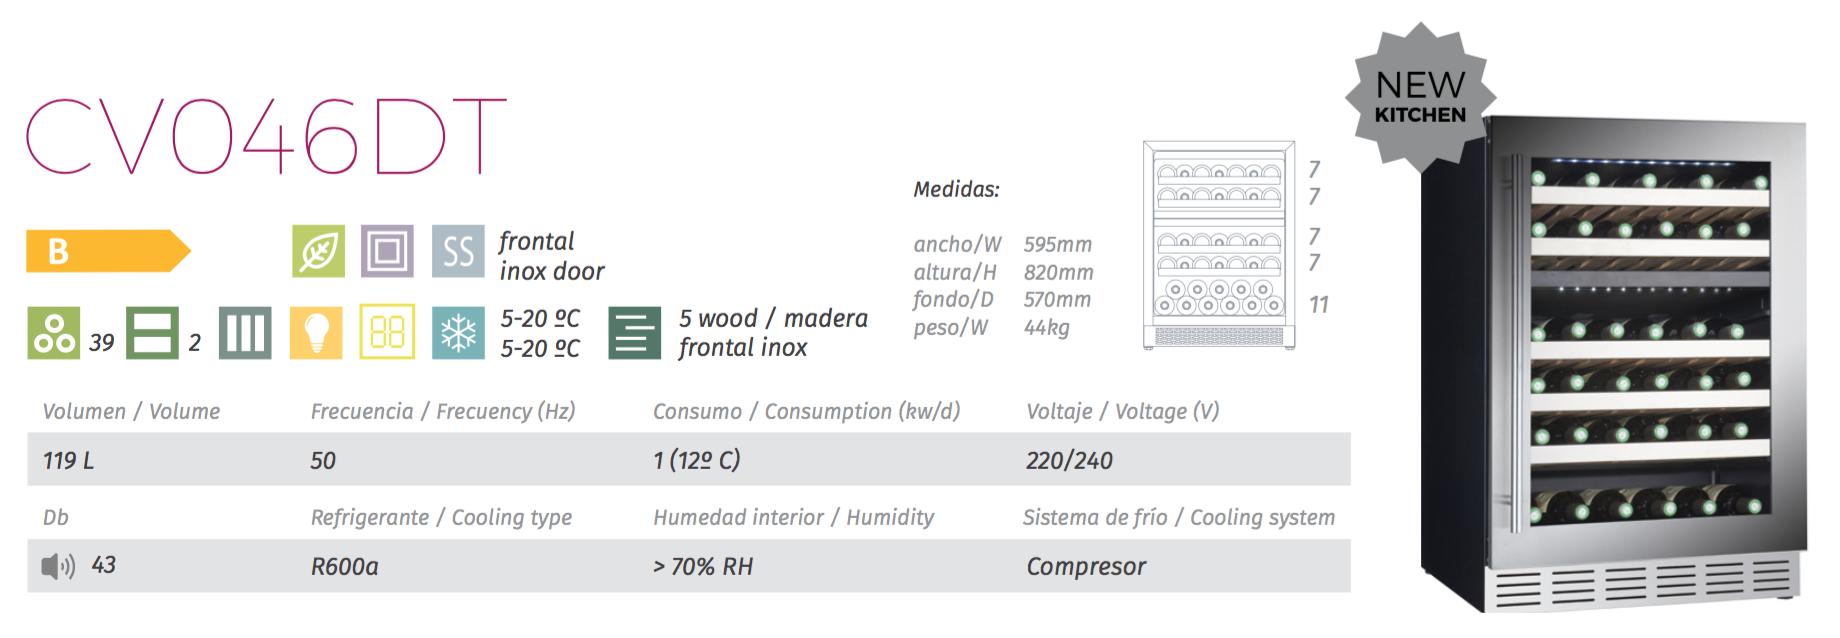 vinoteca cavanova CV046DT tabla caracteristicas